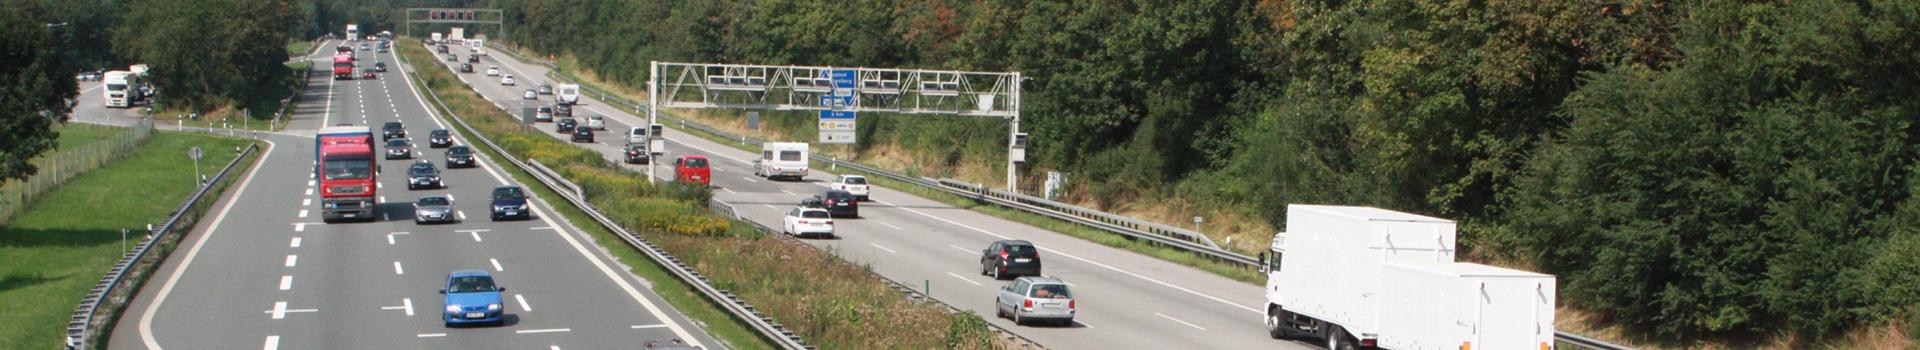 Bild einer Autobahn. Zum Thema Verkehr